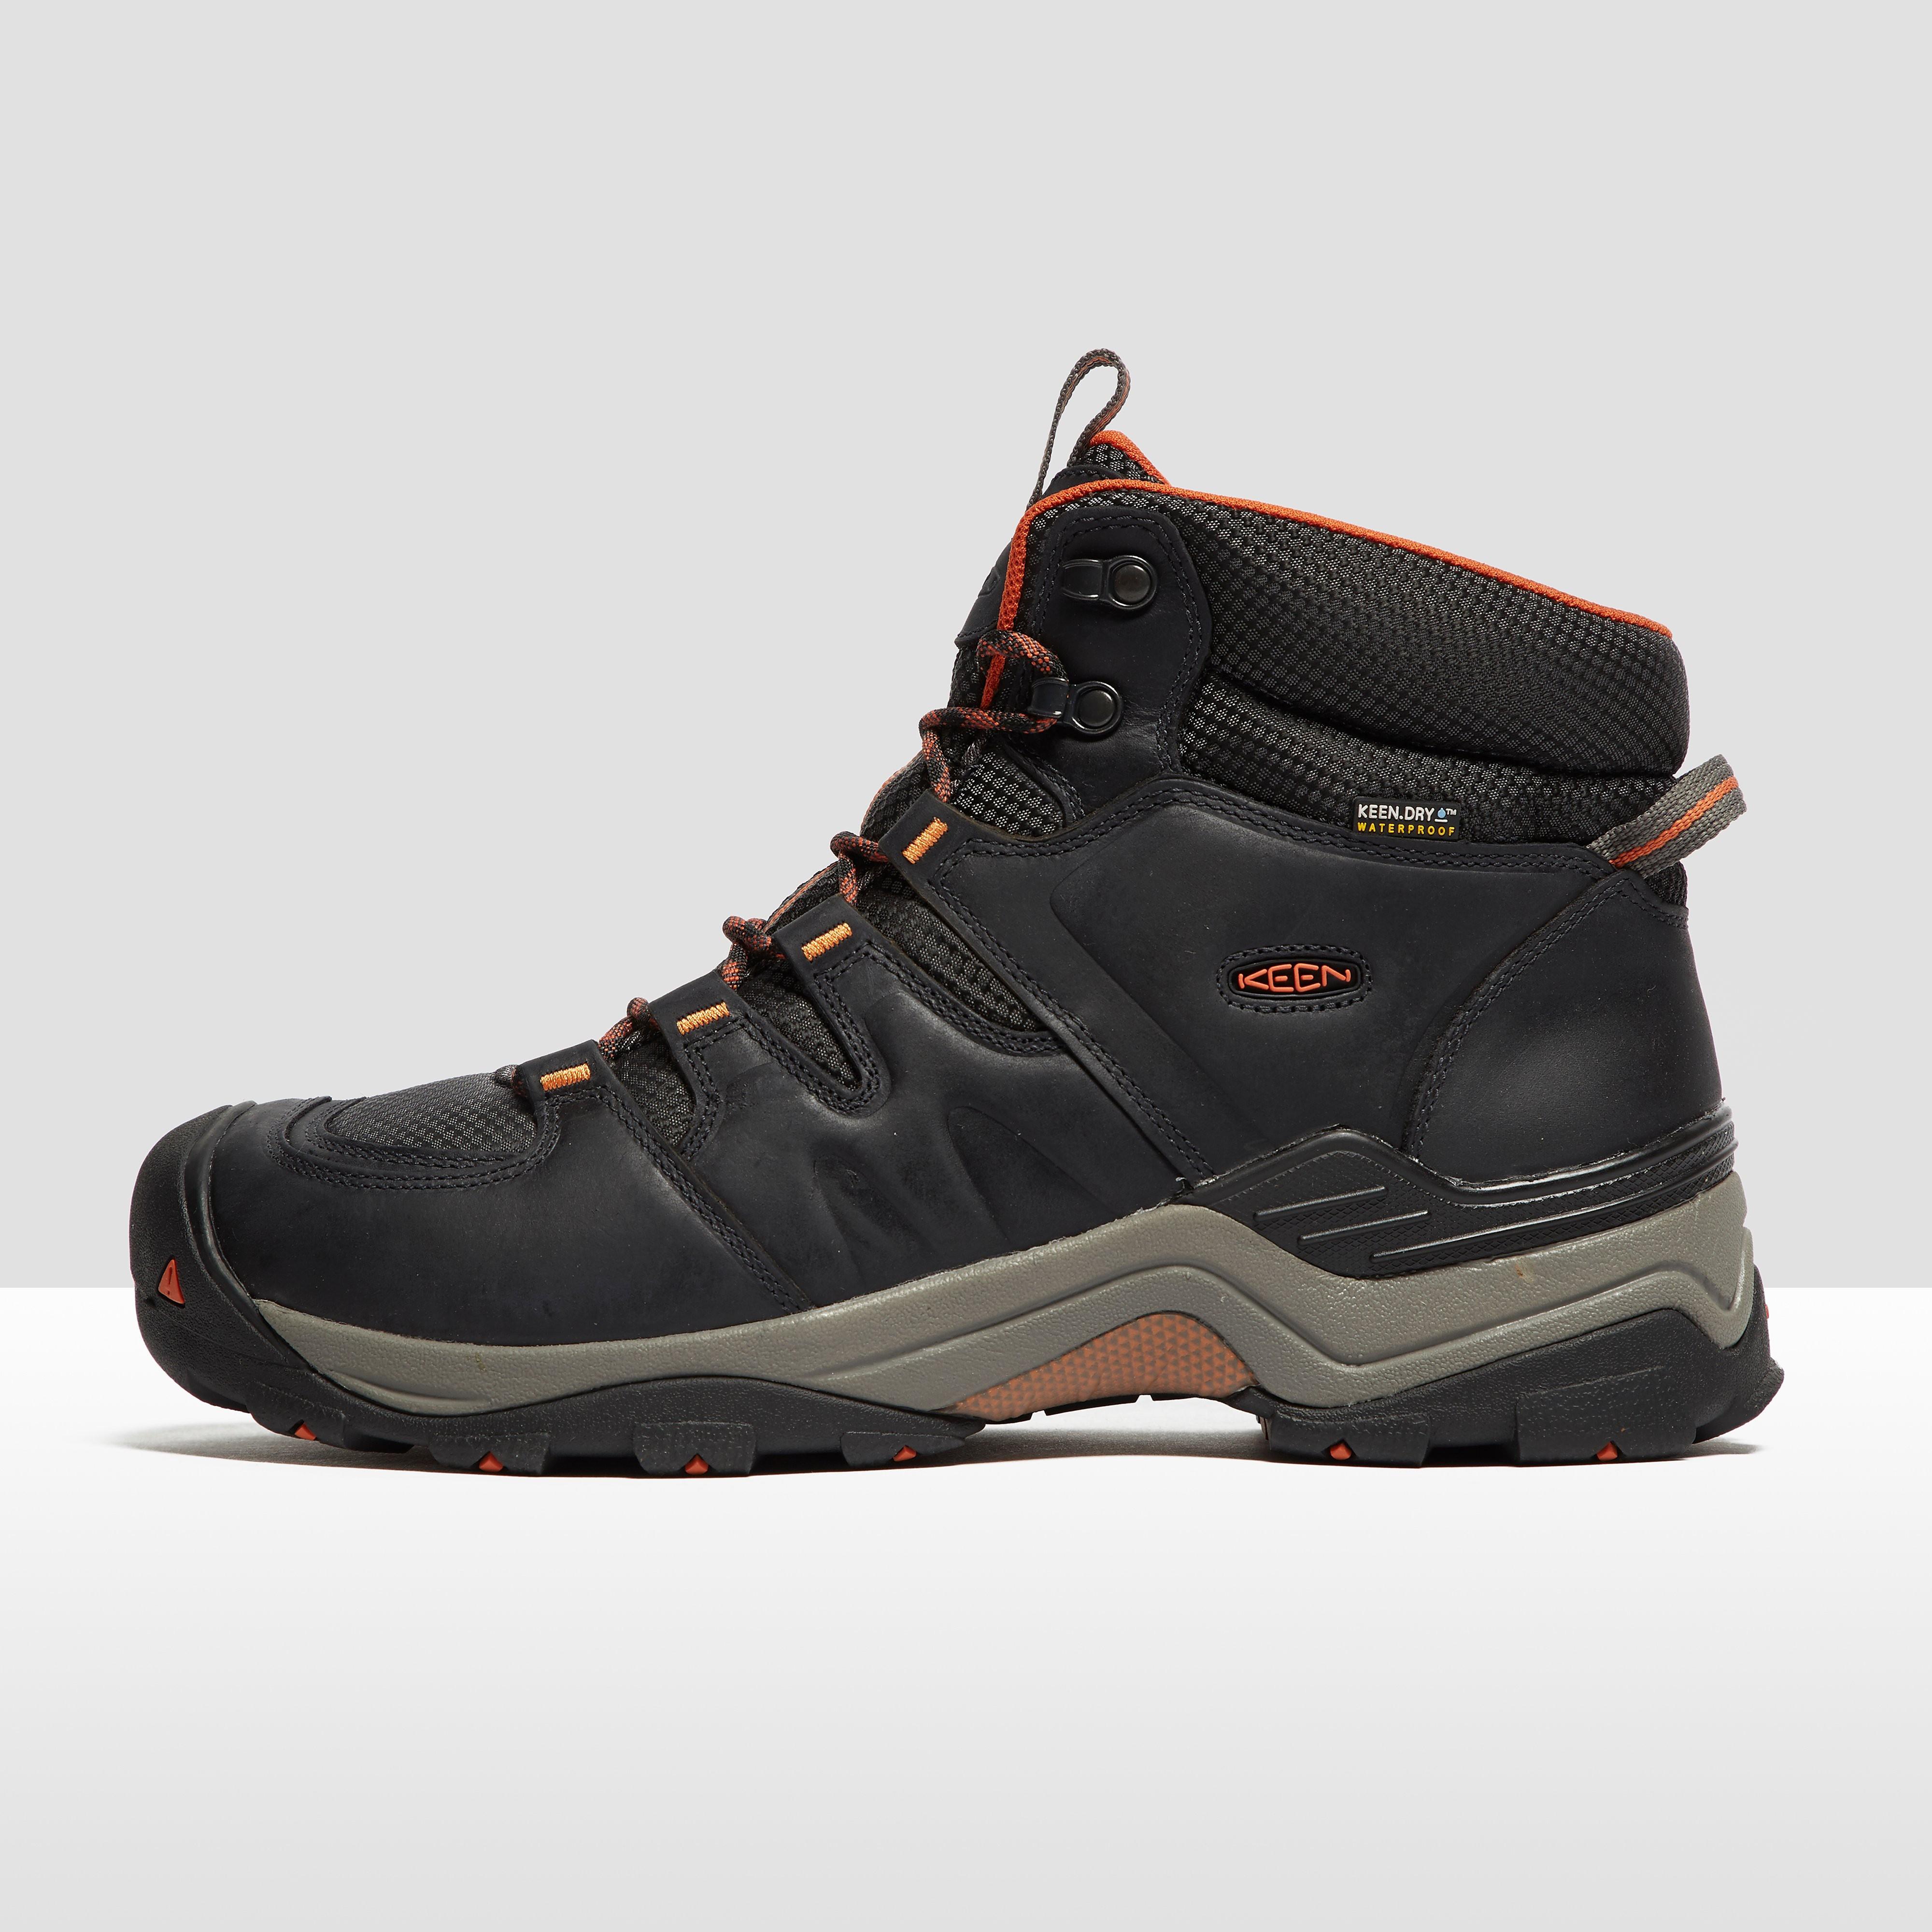 Keen Men's Gypsum II Mid Walking Boots